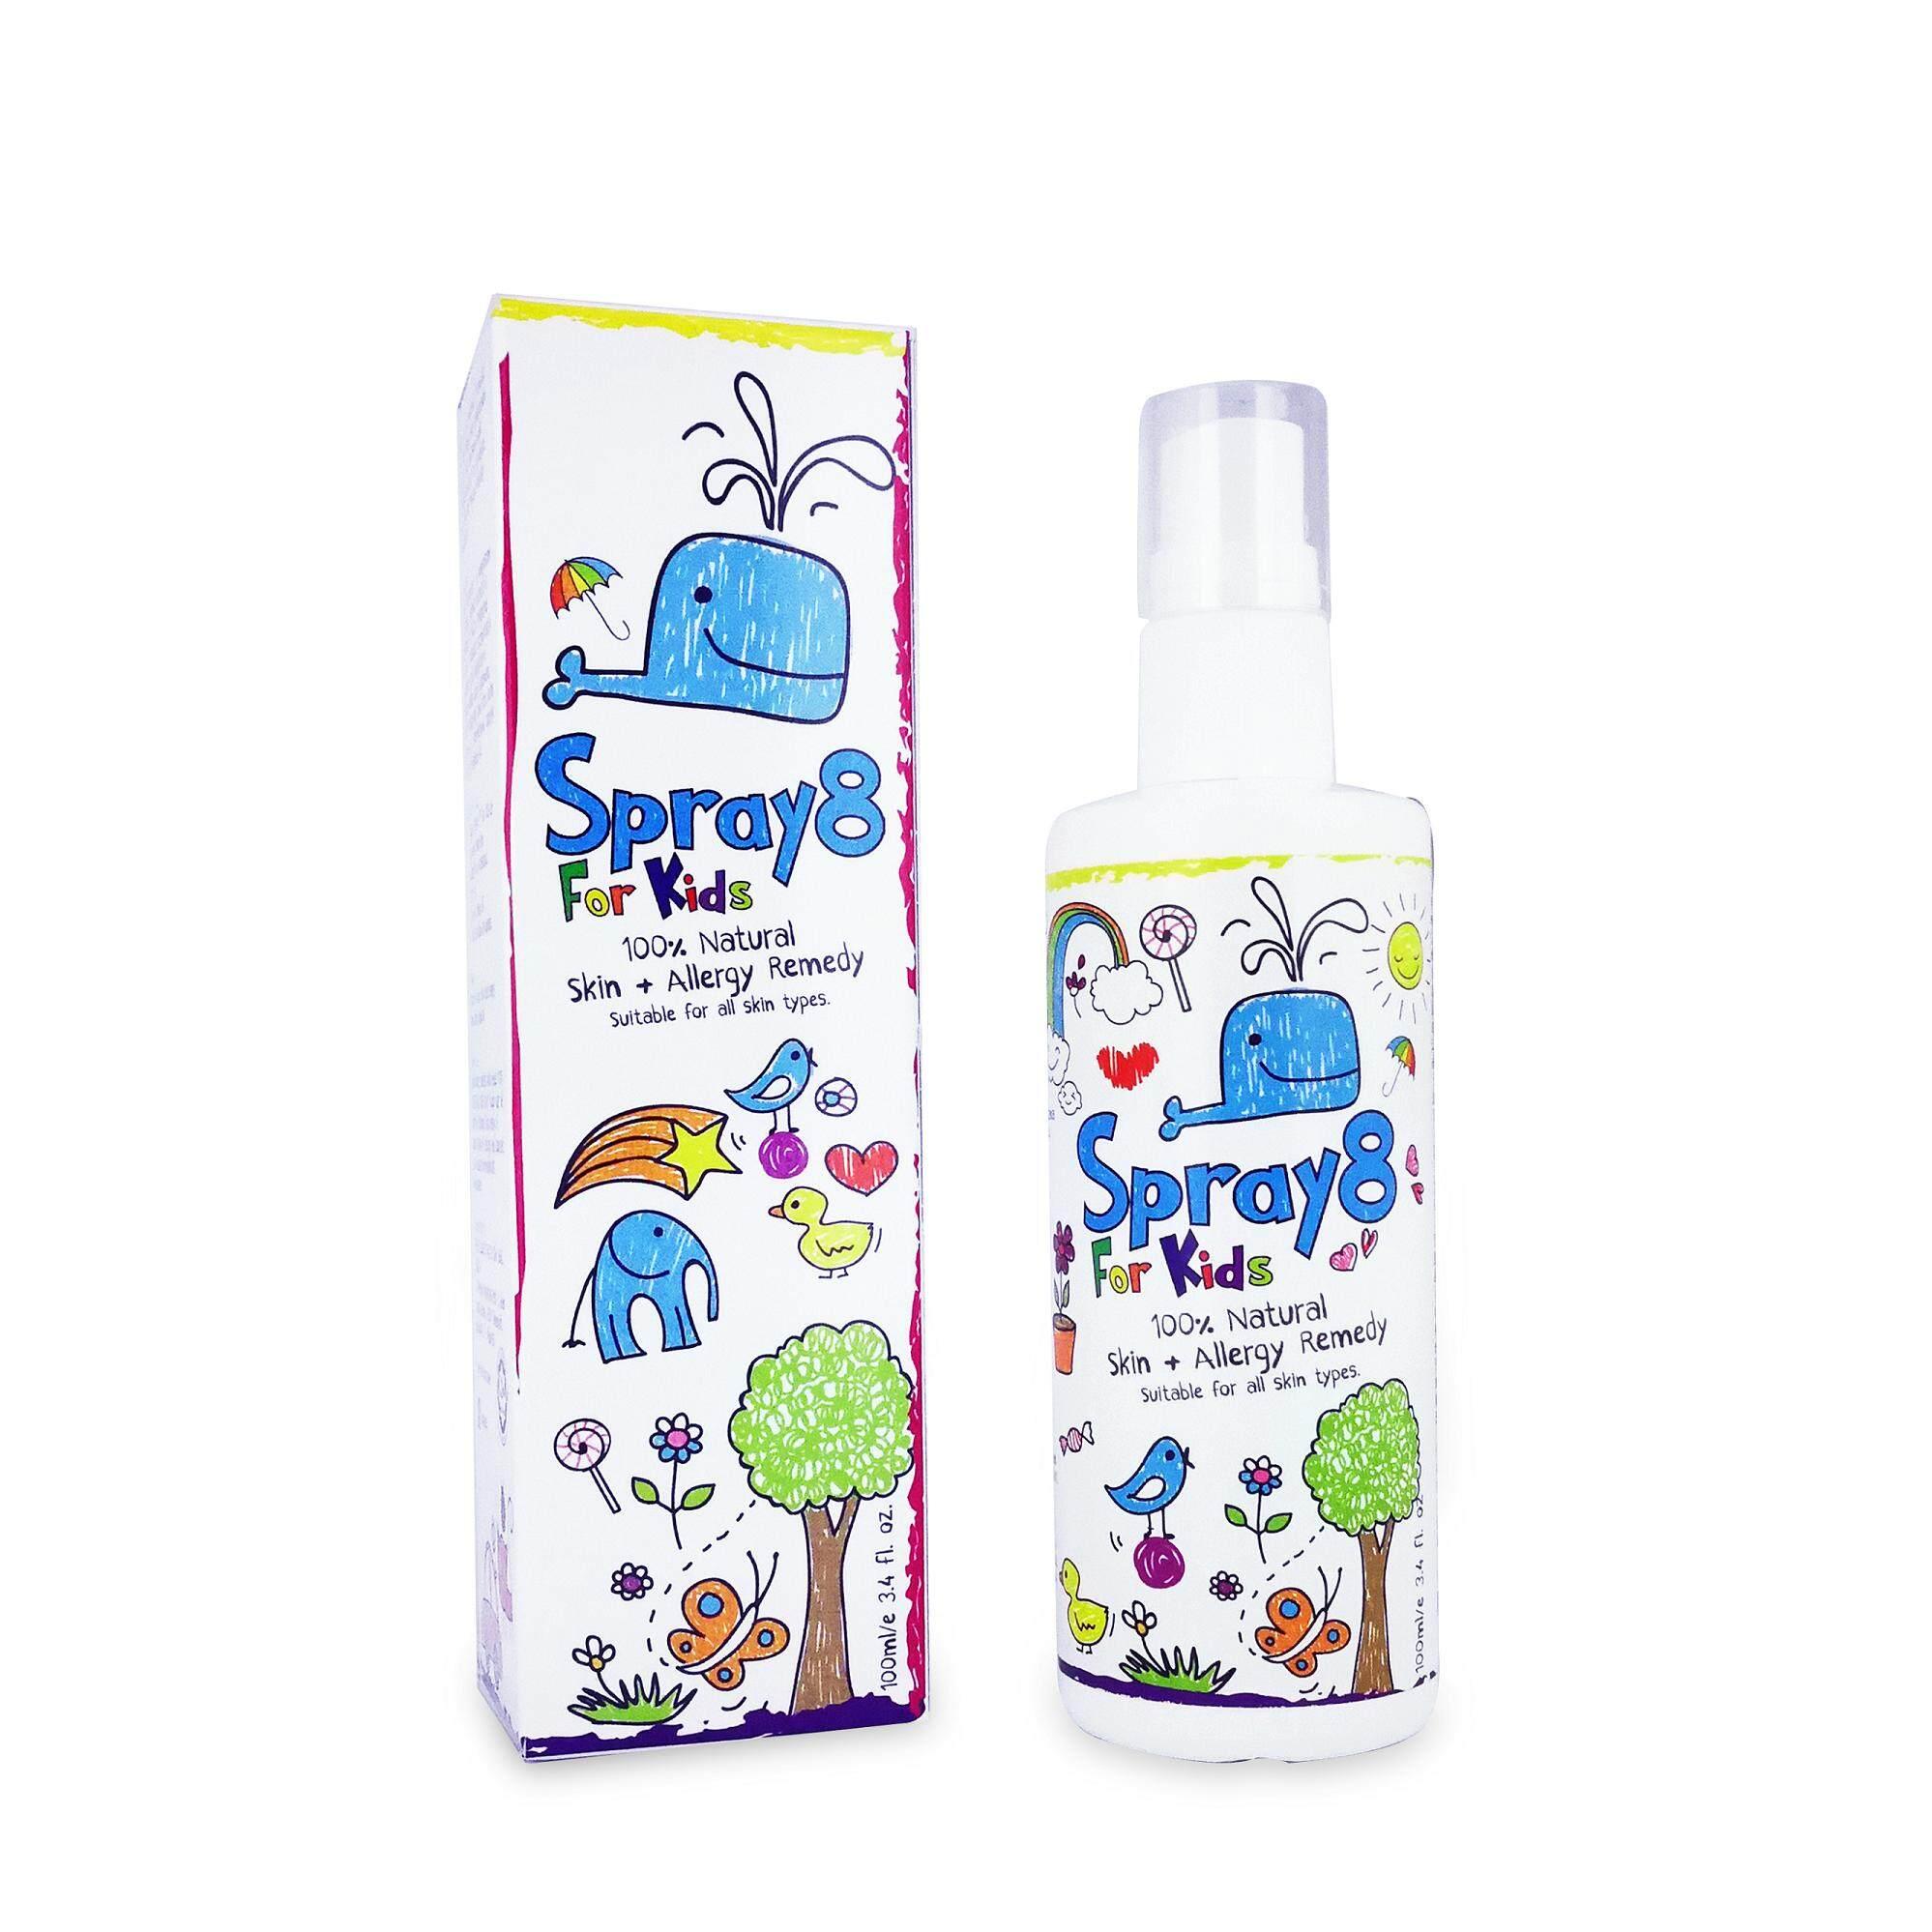 Spray8 For Kids: Skin + Allergy Remedy 100mL